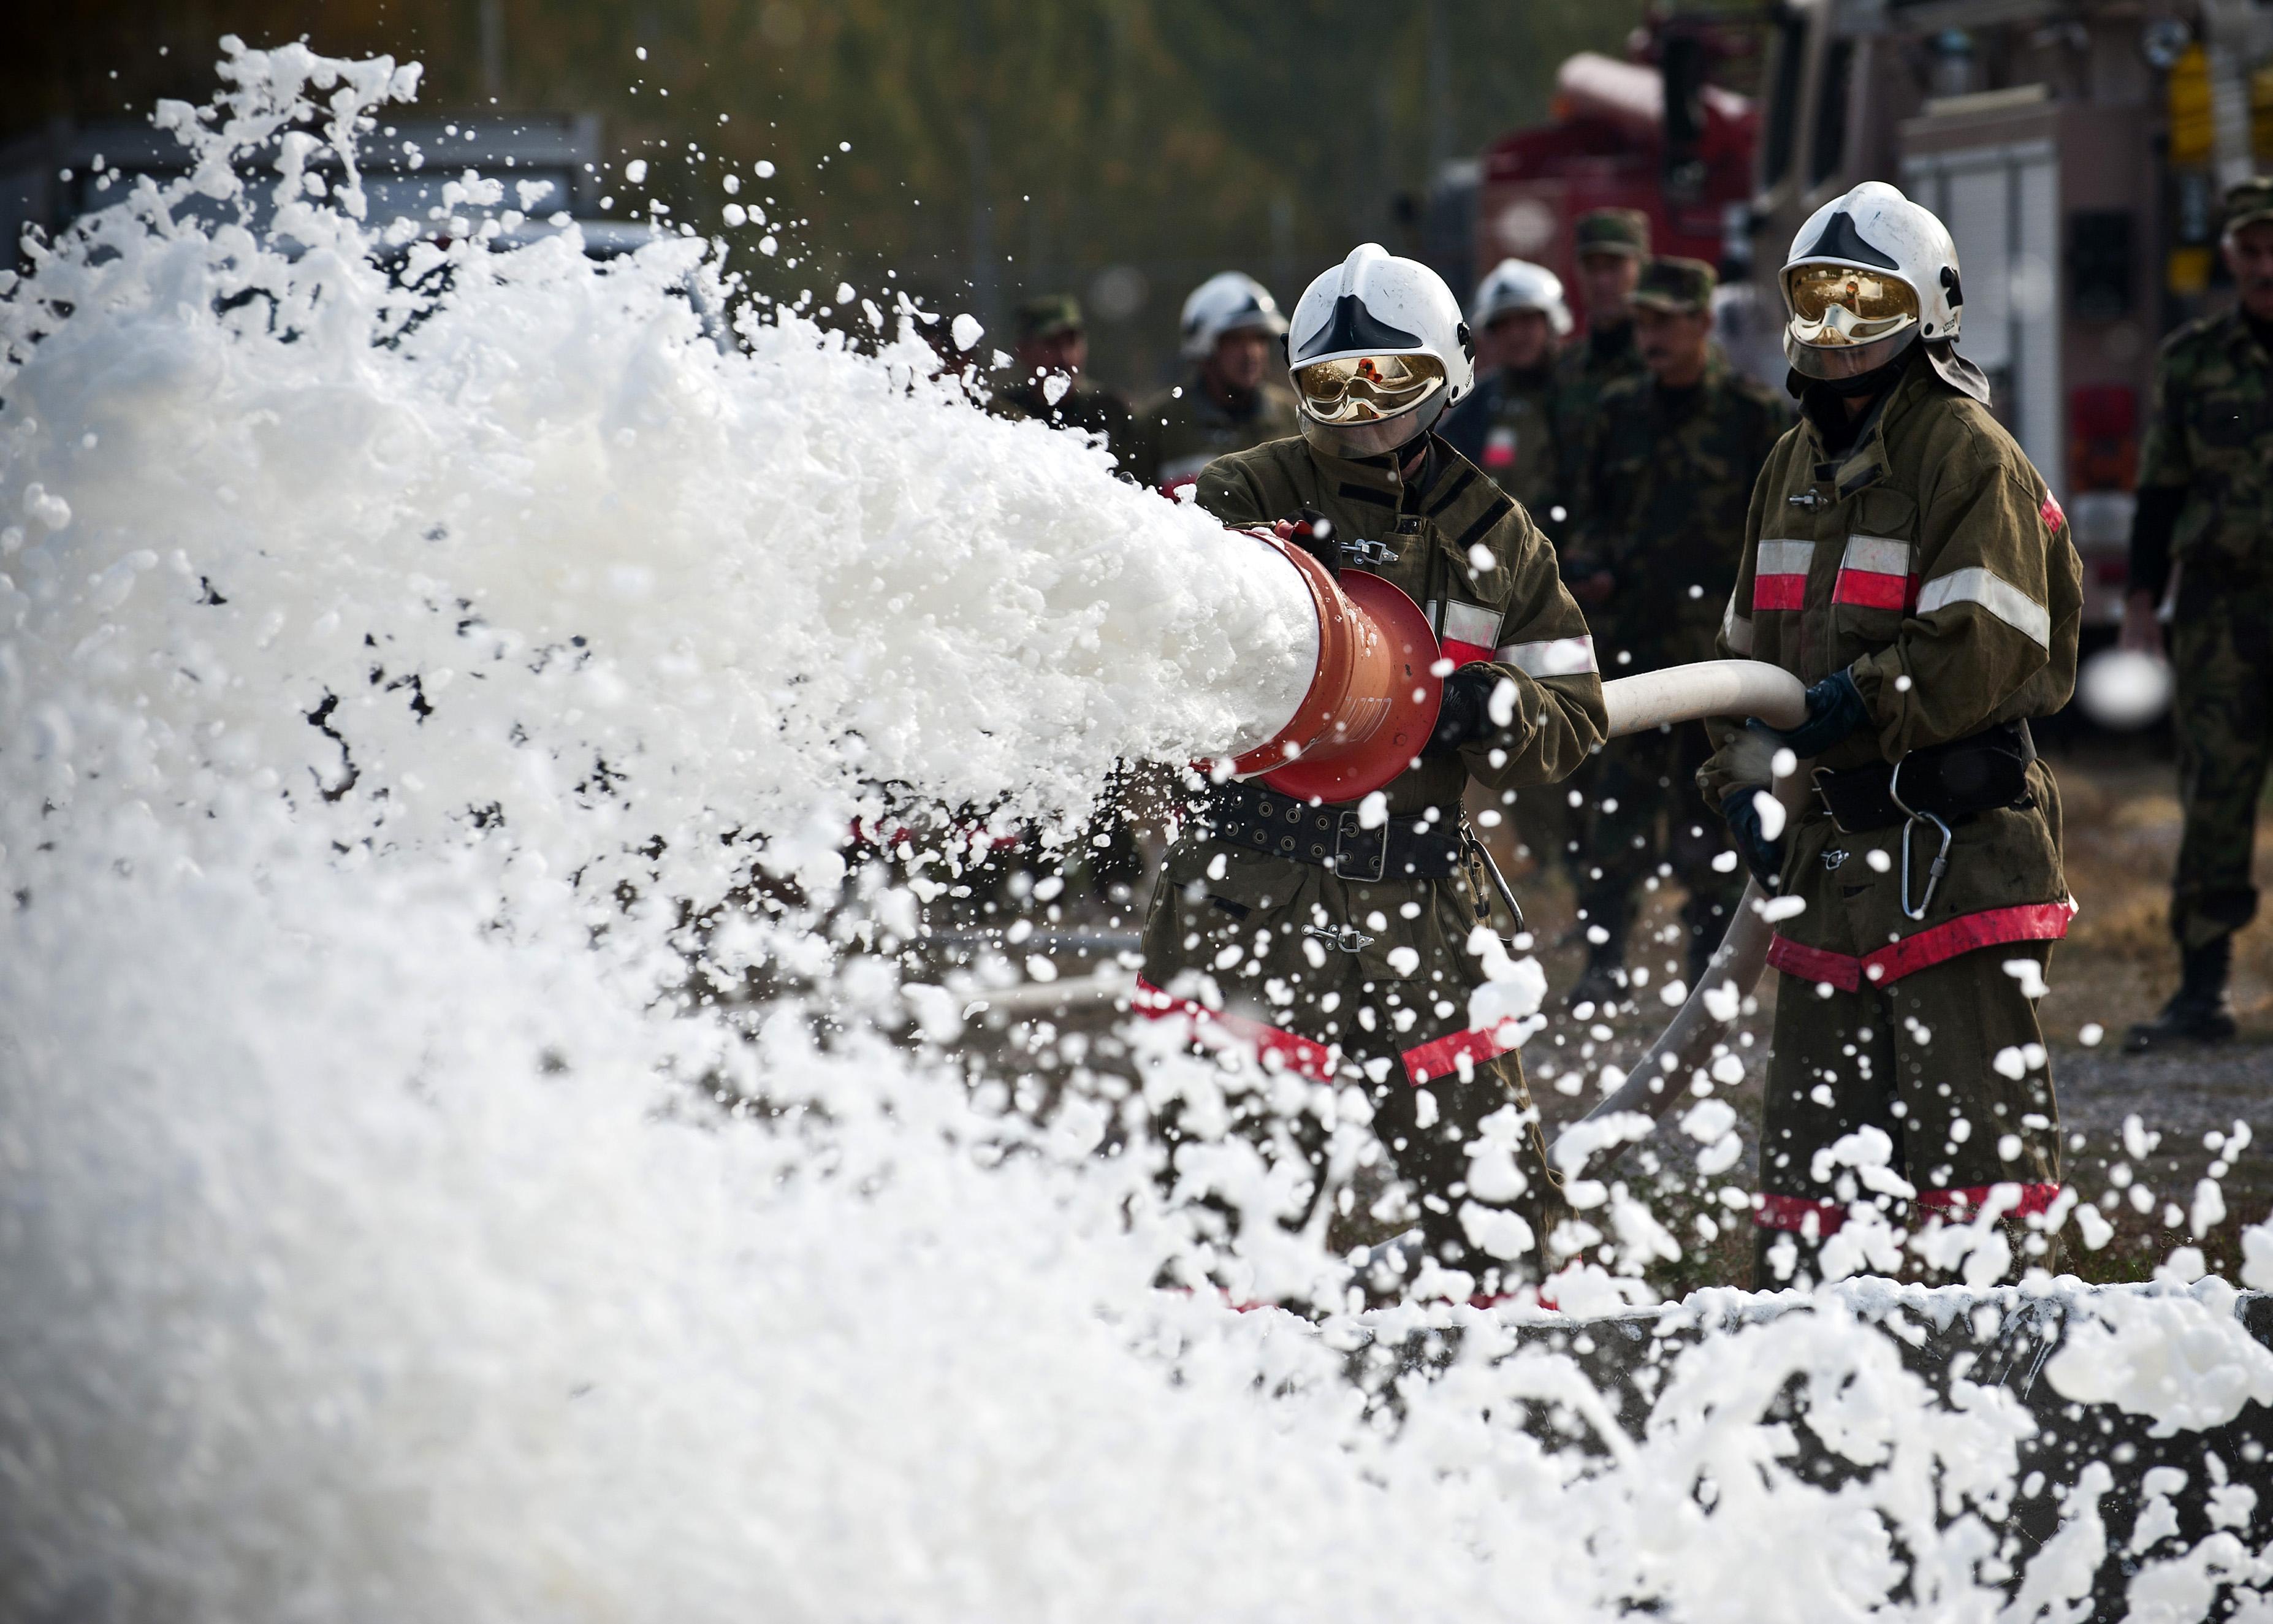 Производство и реализация пожарных пенообразователей